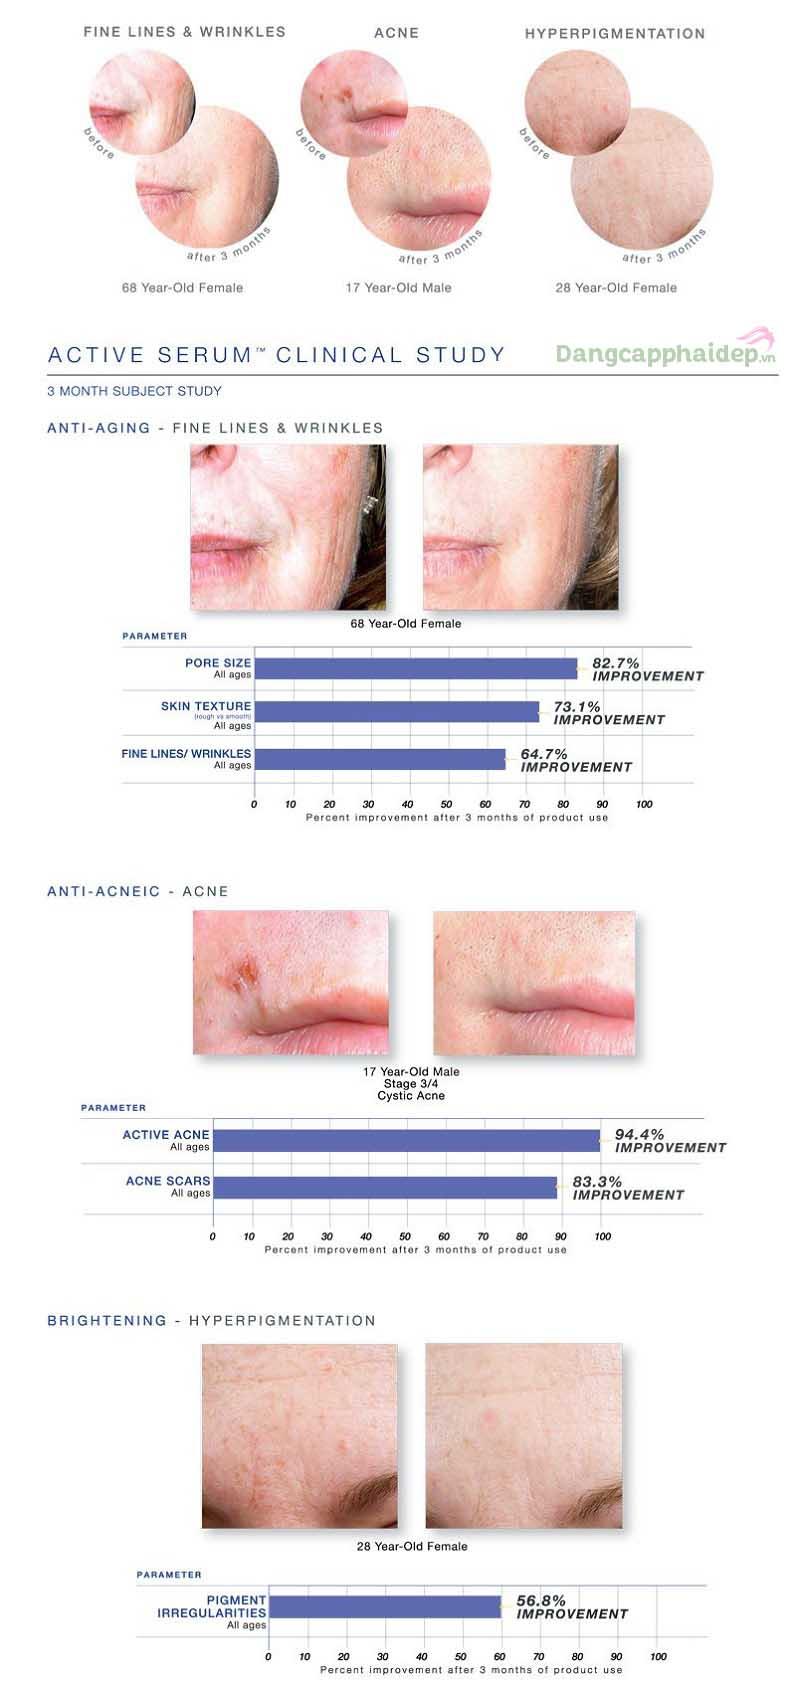 Làn da thay đổi tích cực chỉ sau 3 tháng duy trì sử dụng sản phẩm